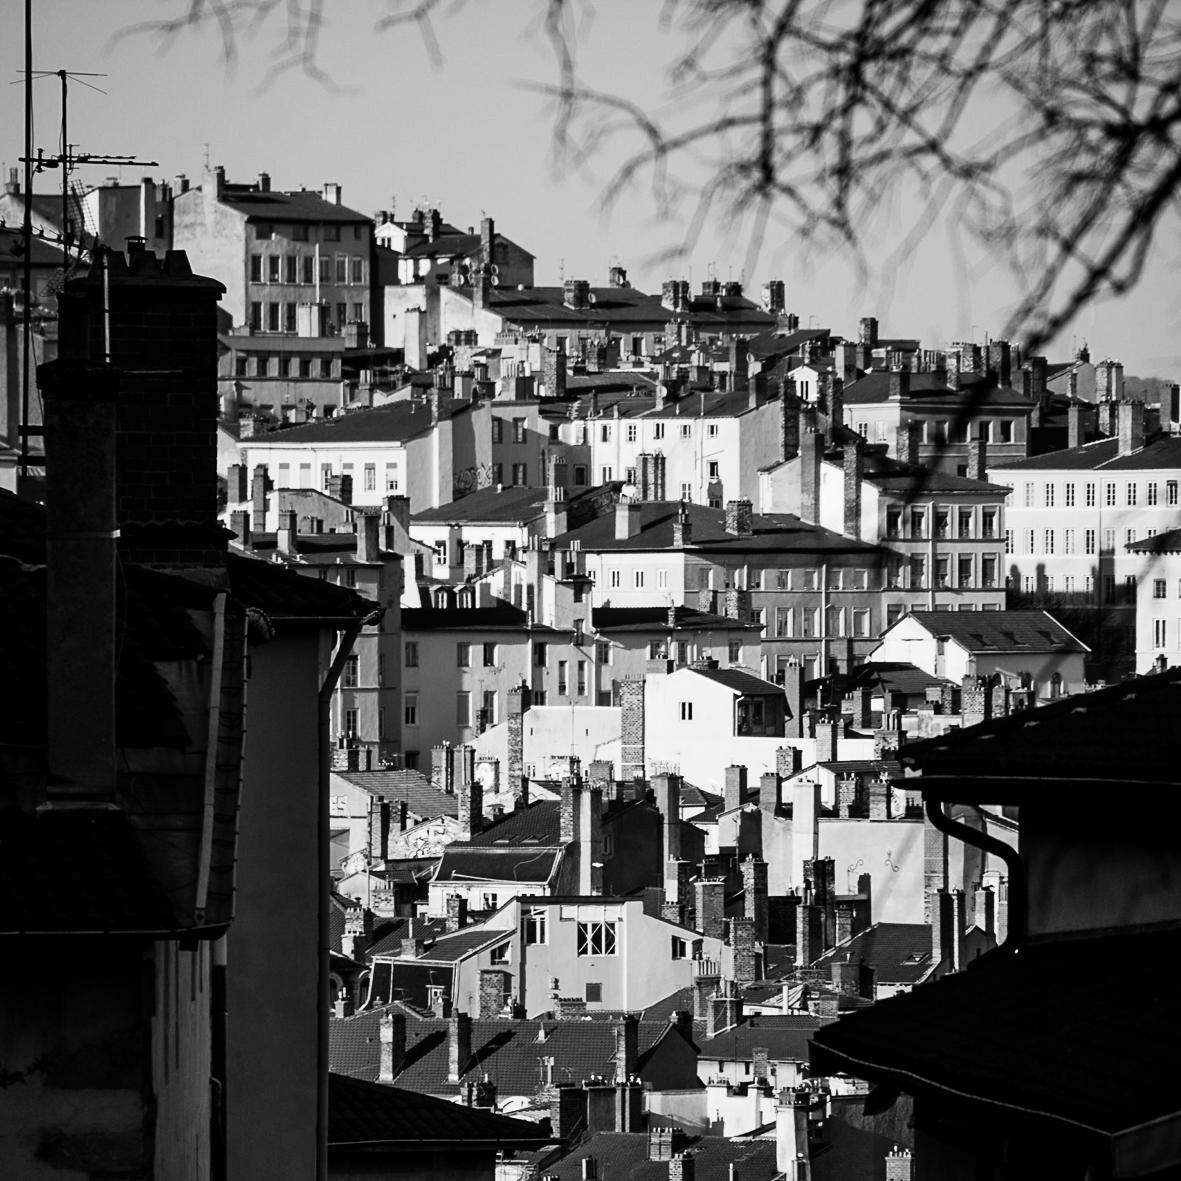 Vue sur les toits de Lyon, France